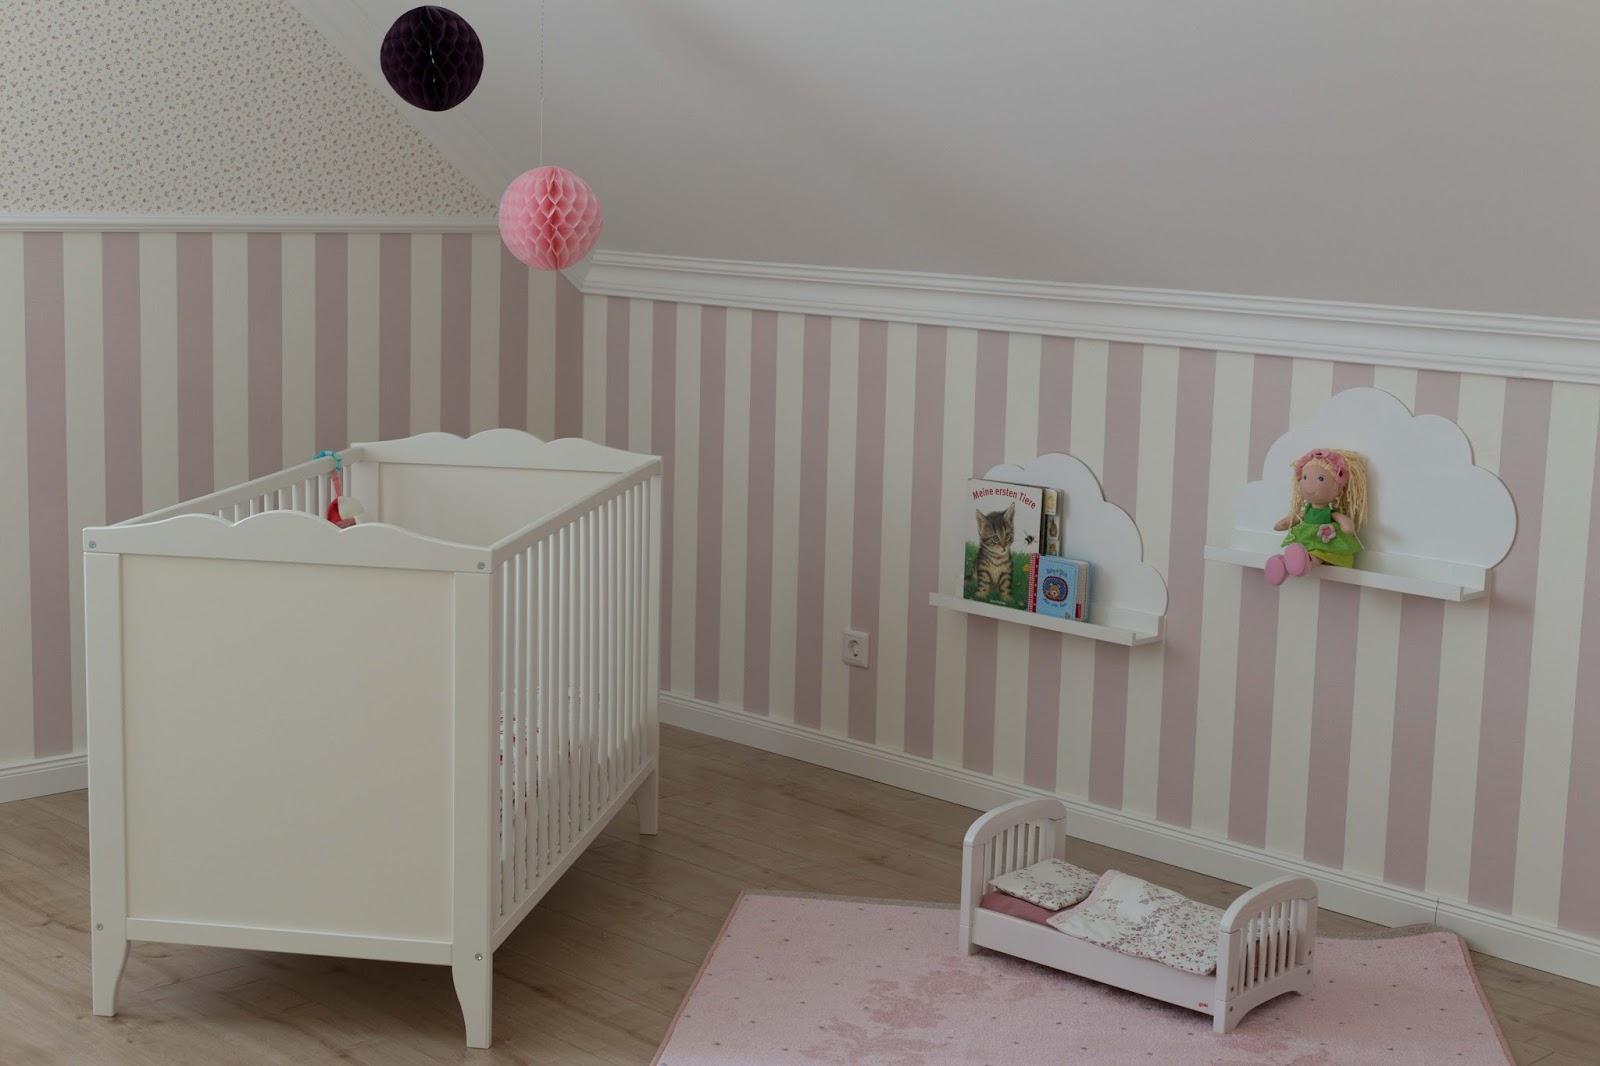 Lebensimpressionen: Mädchenzimmer + Geschenkideen für Einjährige